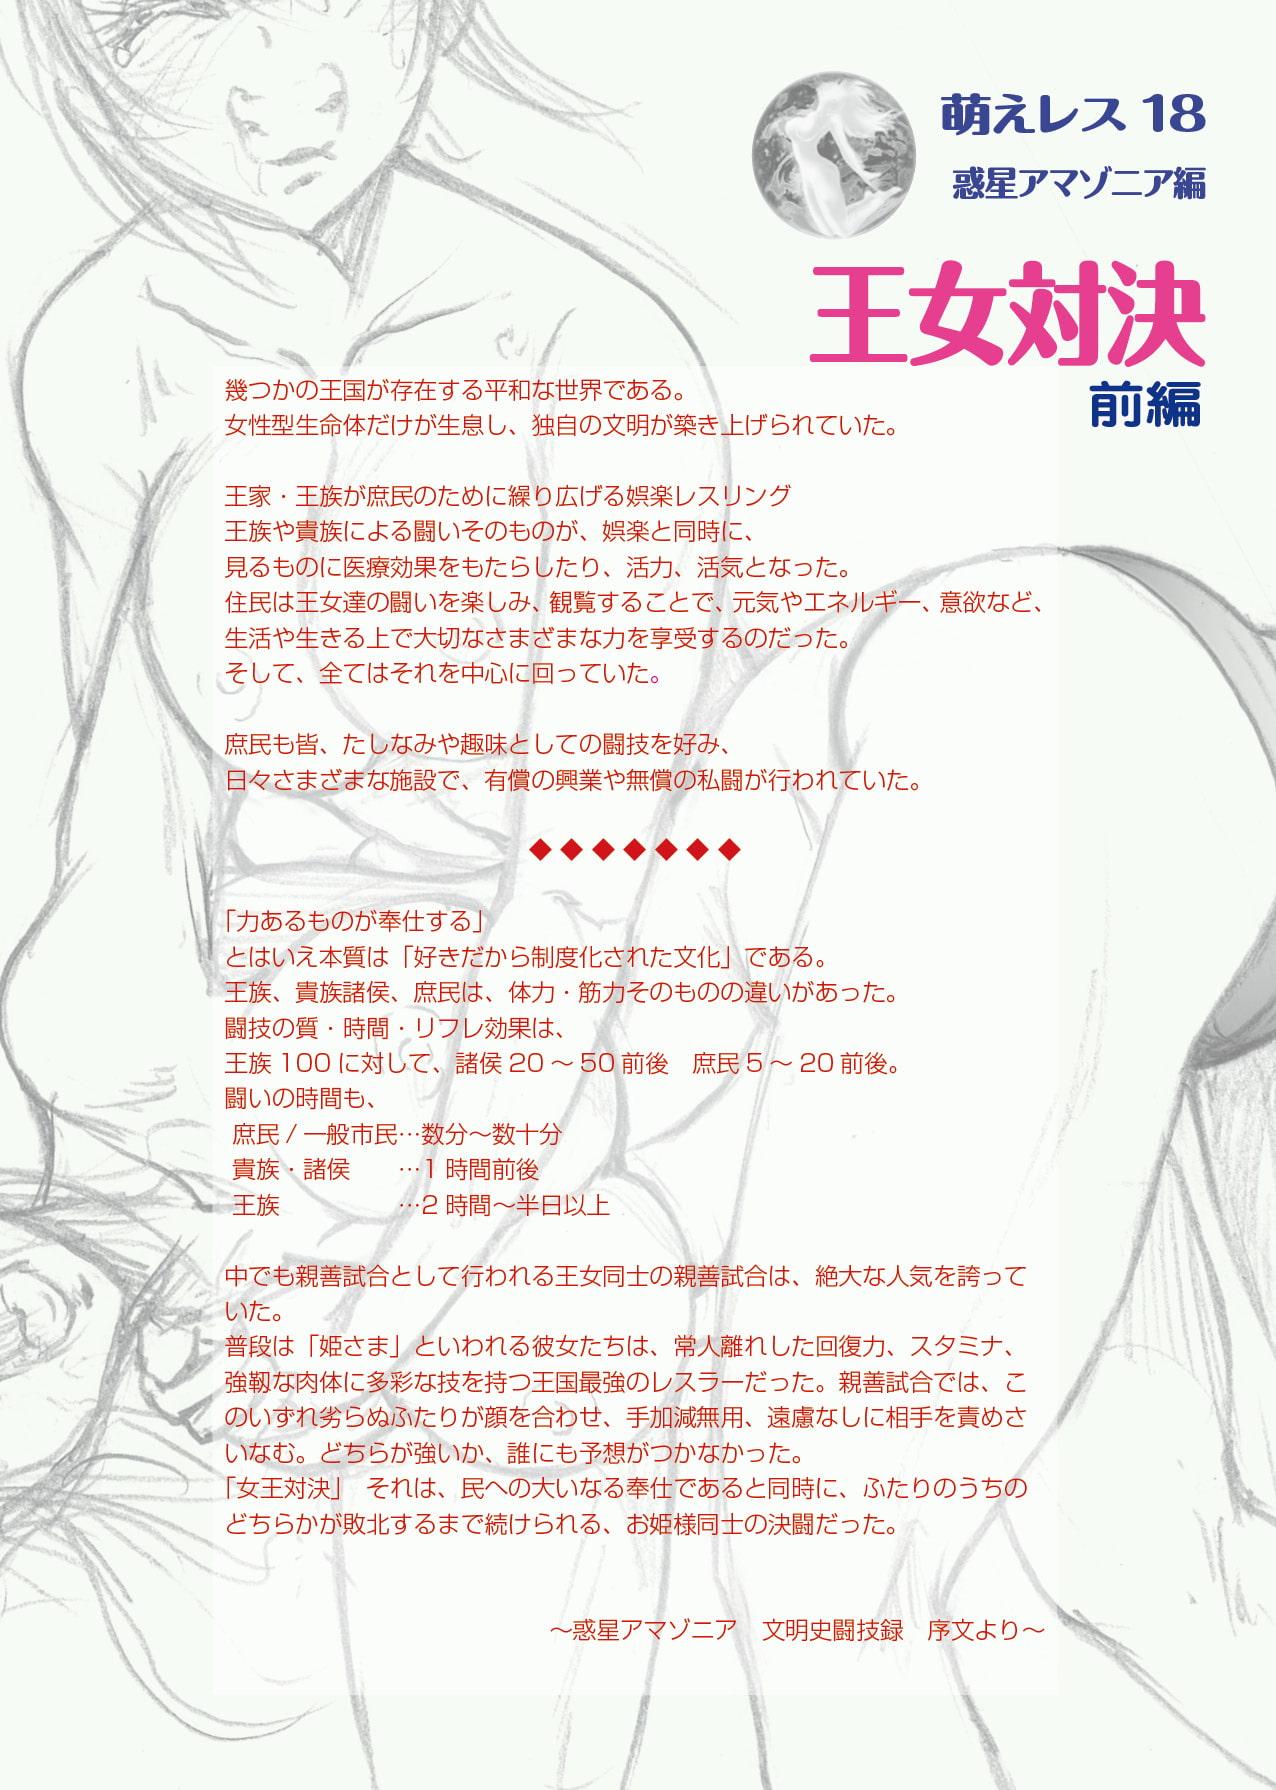 萌えレス18 王女対決 前編